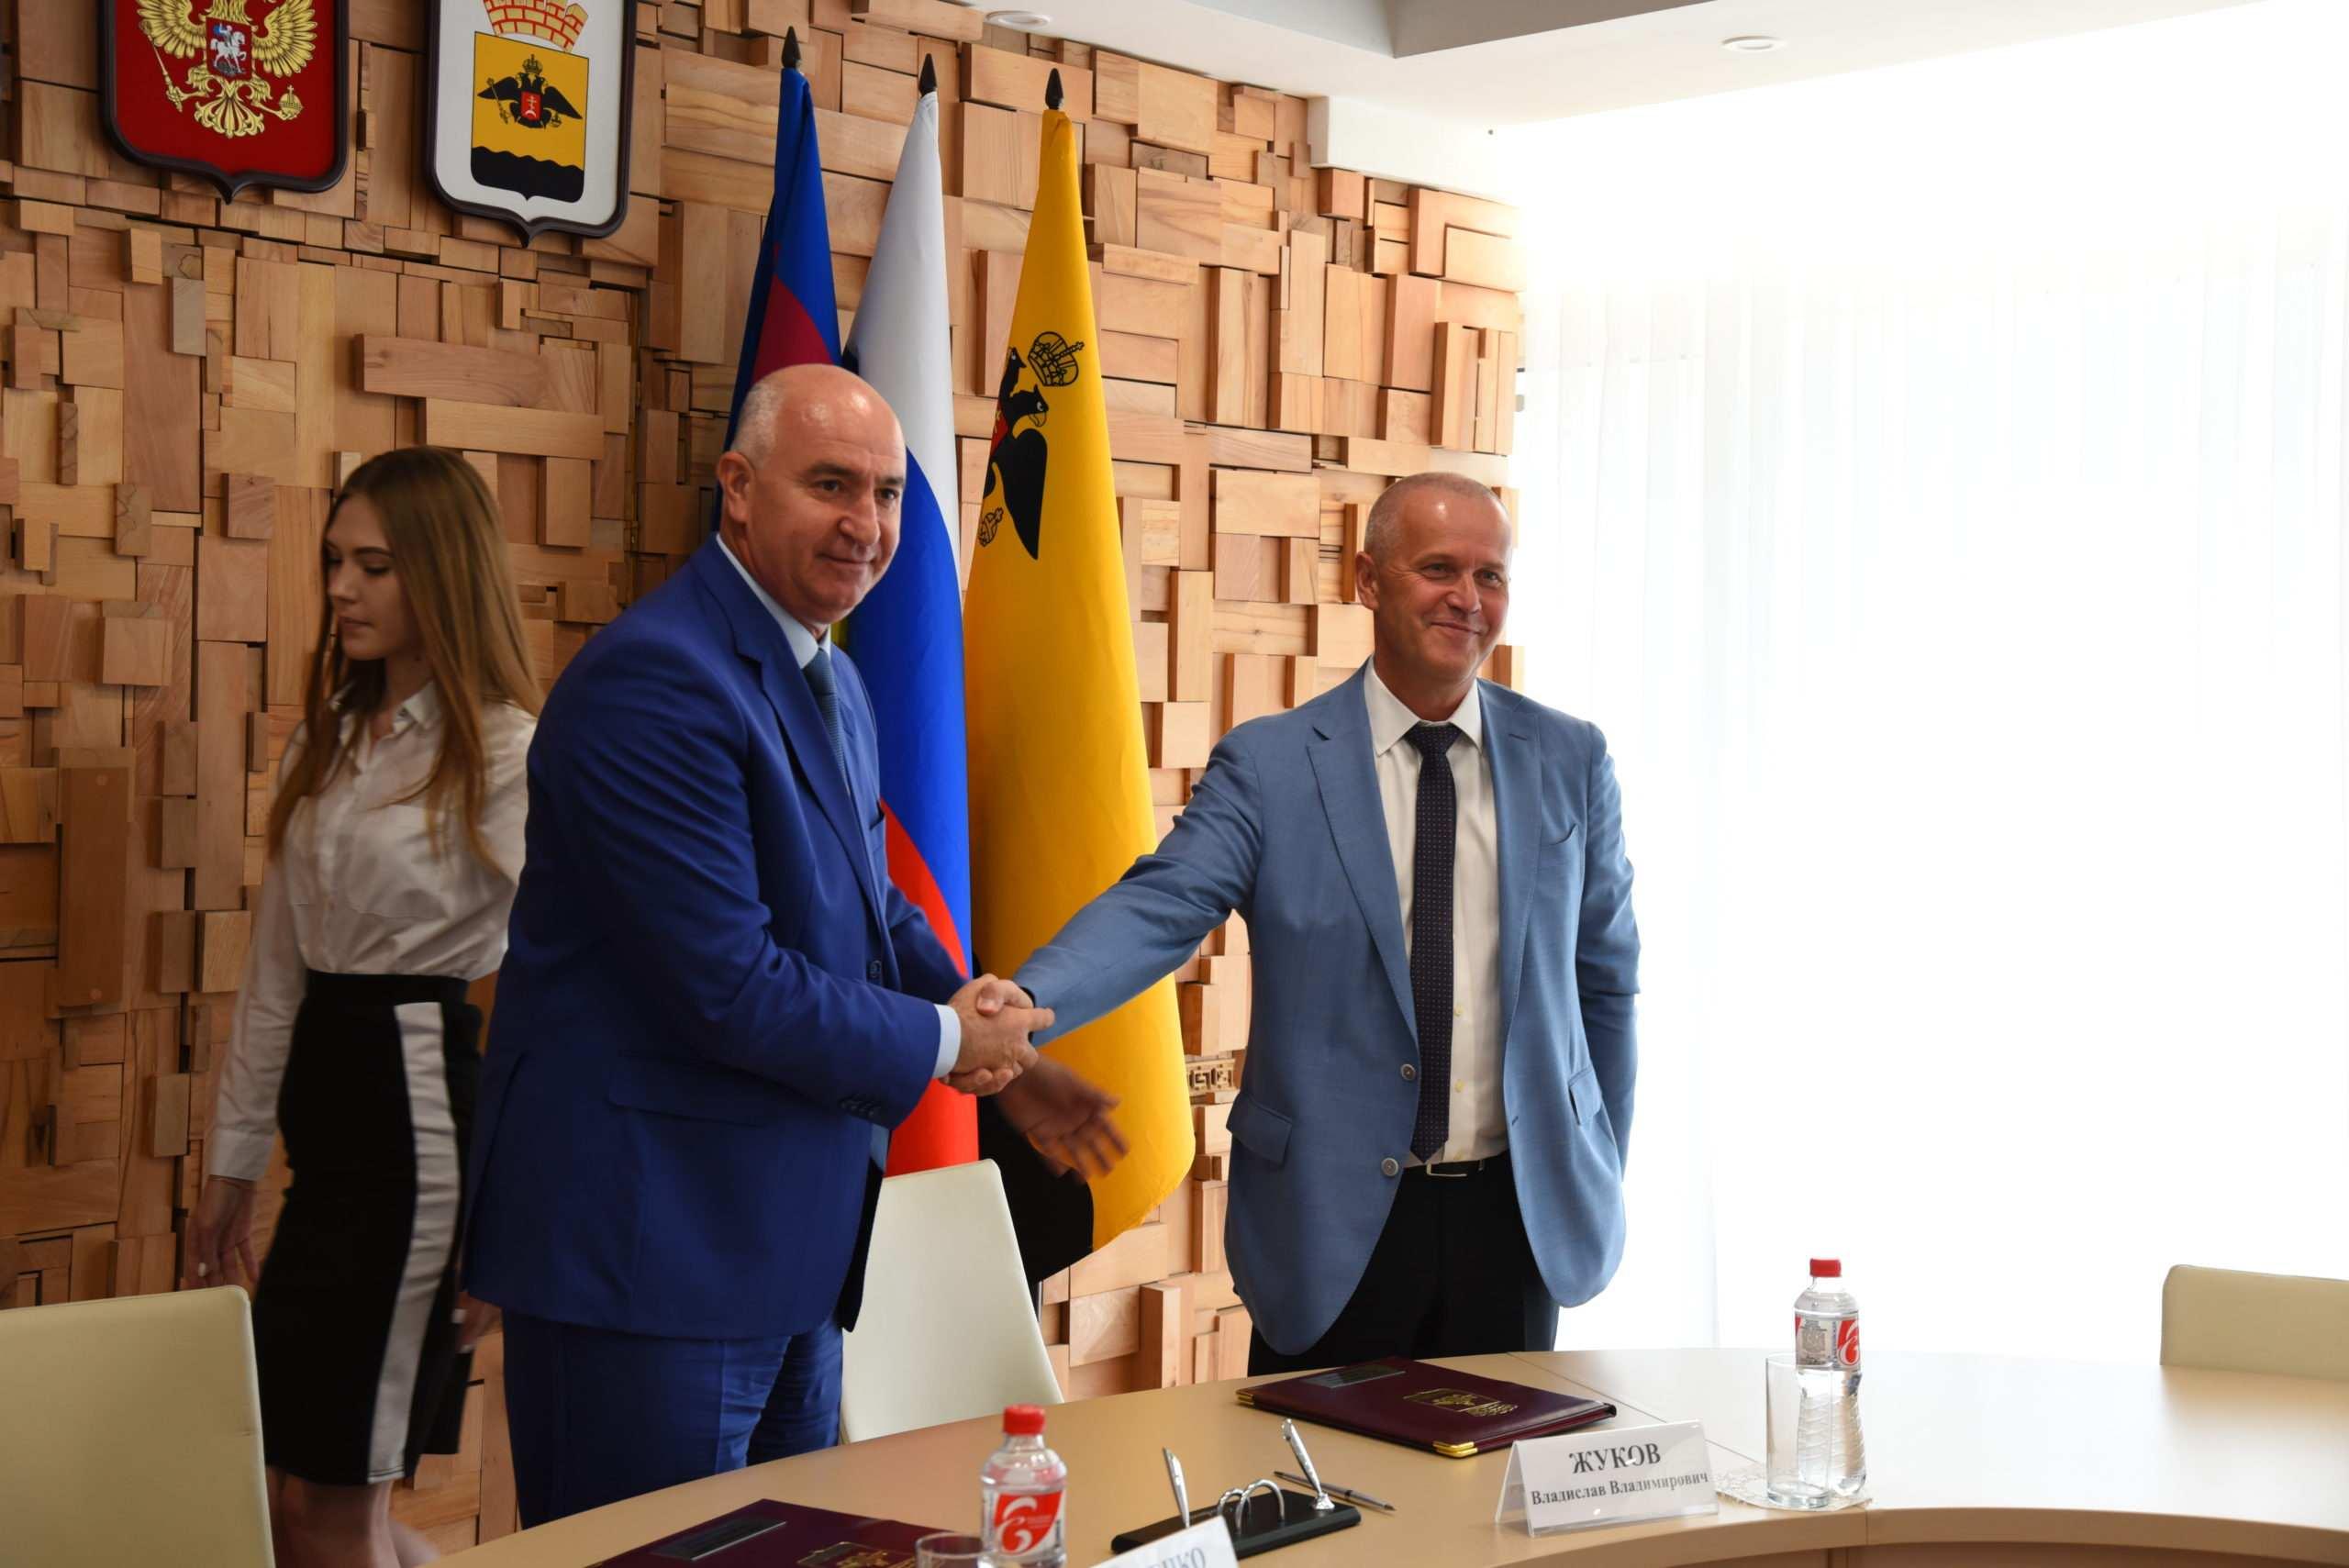 Подписано соглашение осоциальном партнерстве между администрацией города иНовороссийским зерновым терминалом